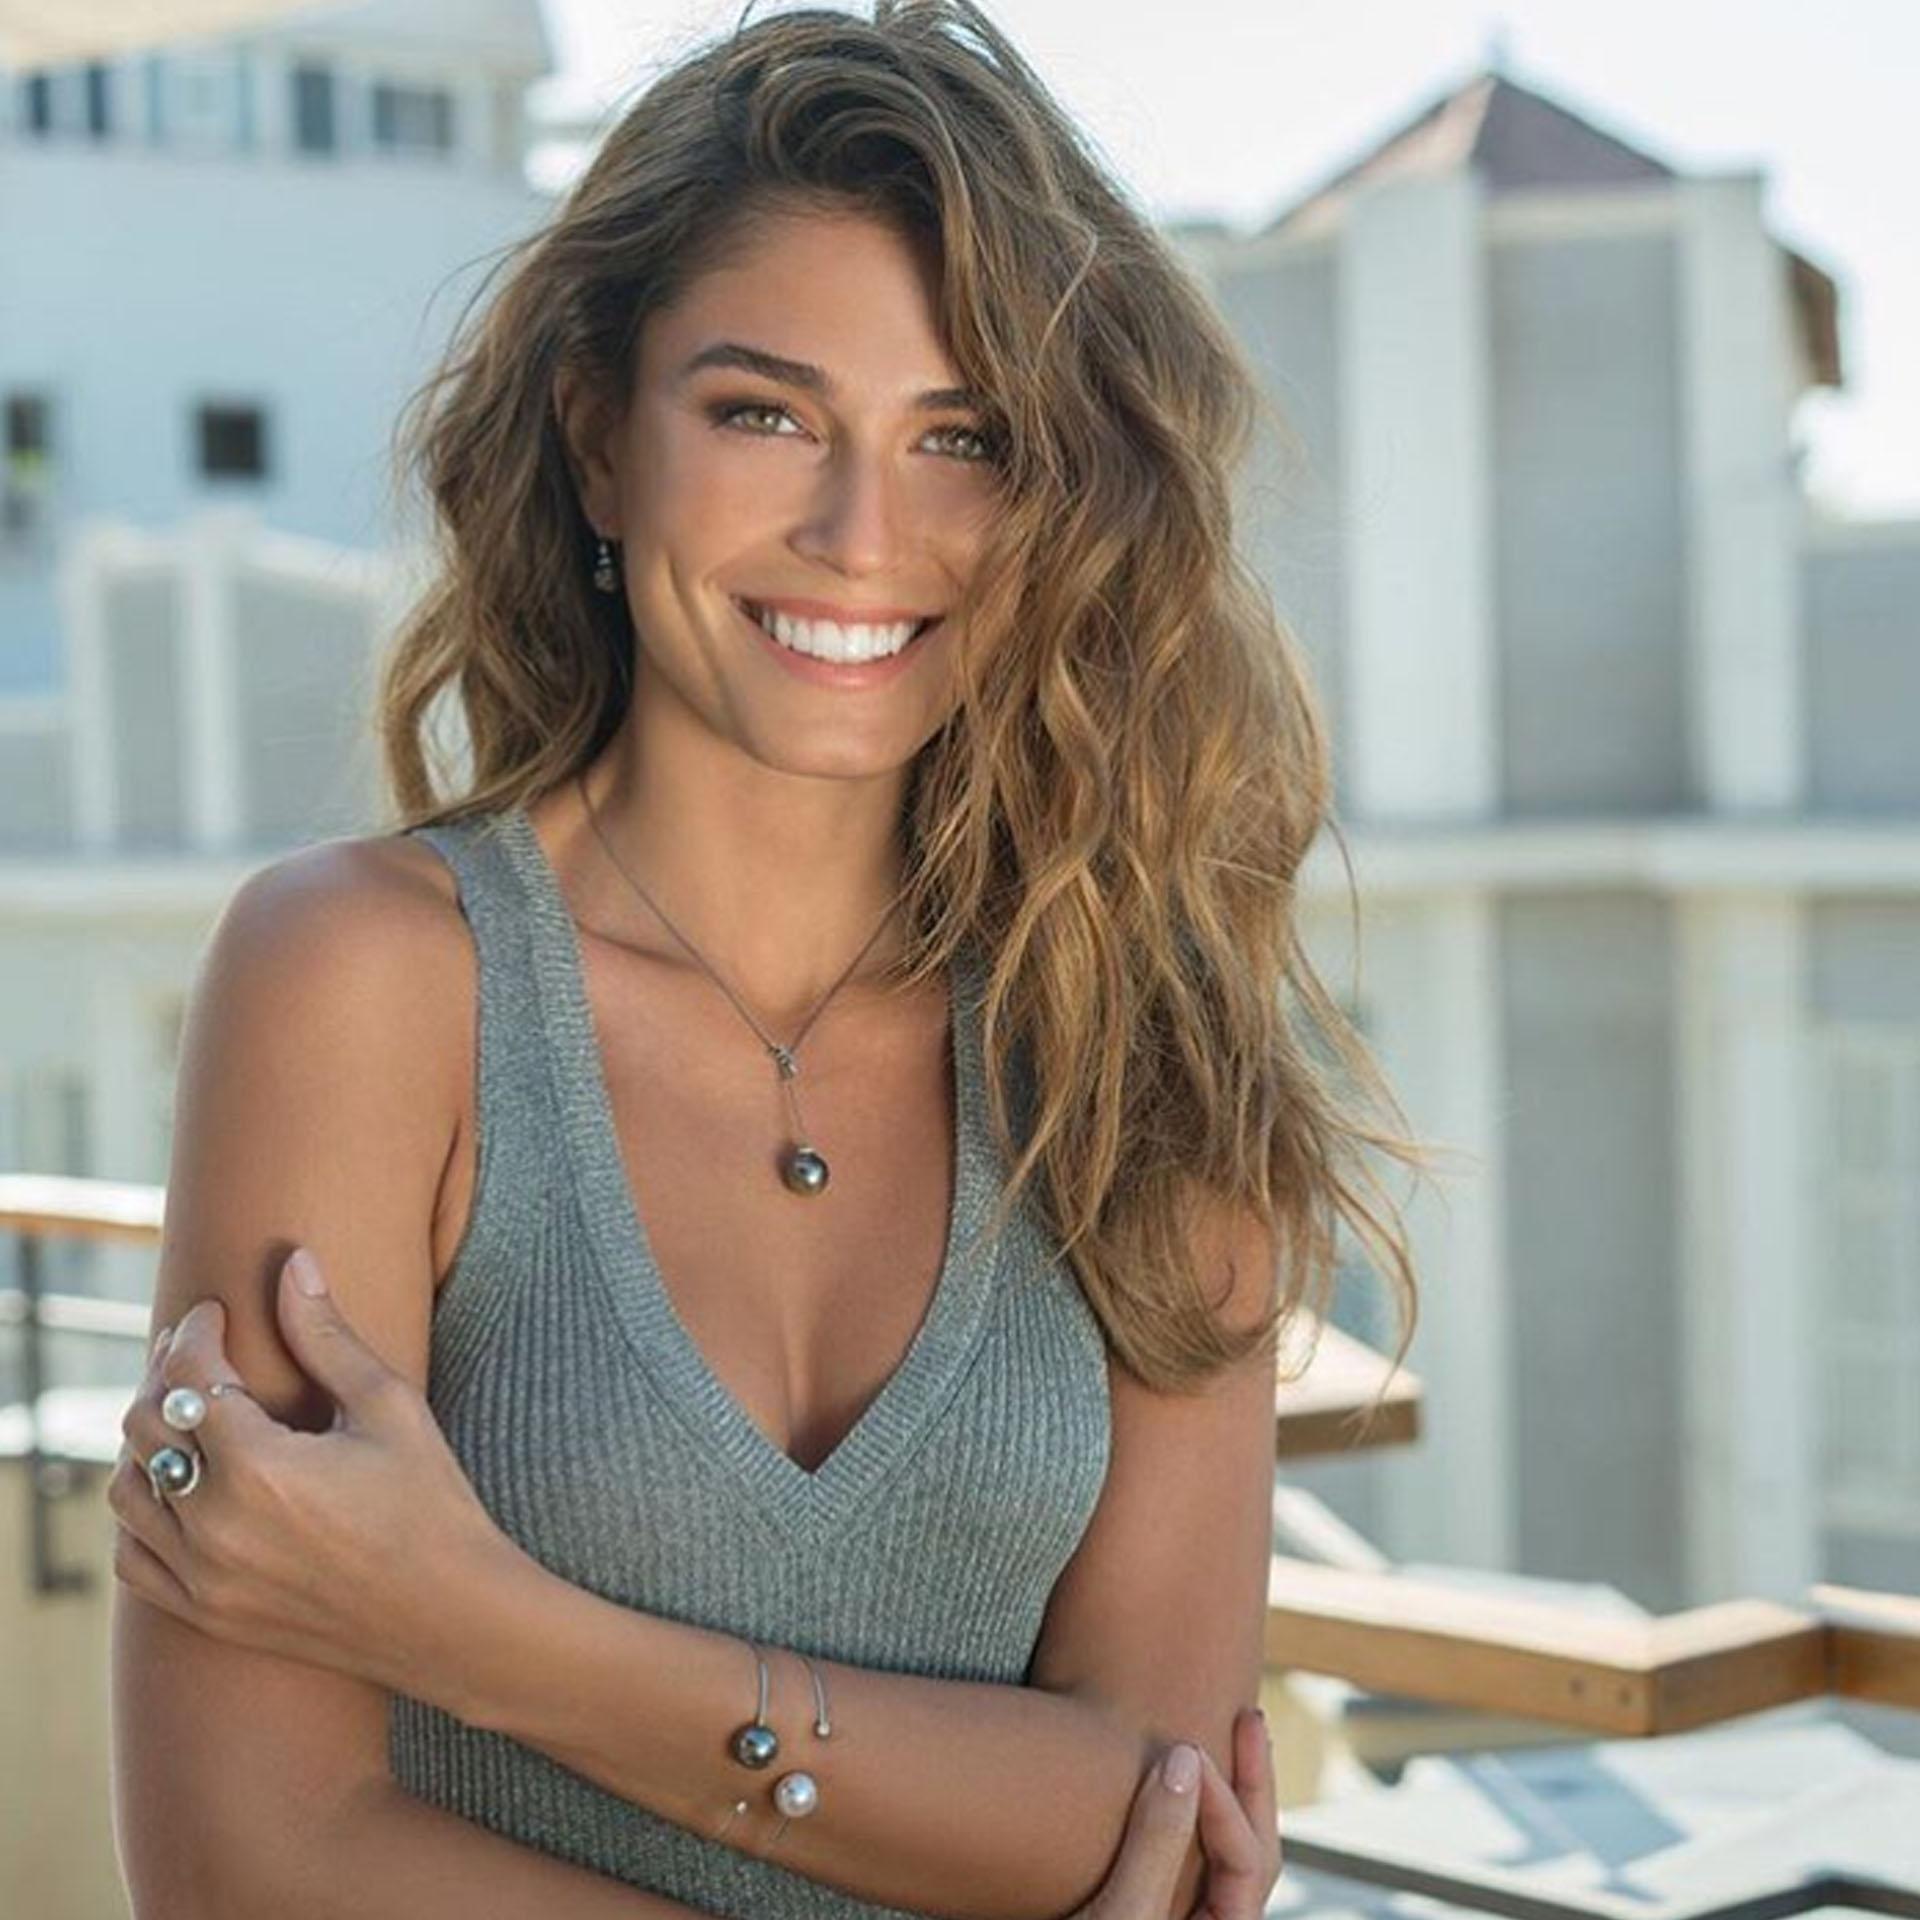 Simanovich tiene 26 años: es modelo y diseñadora de indumentaria (@coralsimanovich)